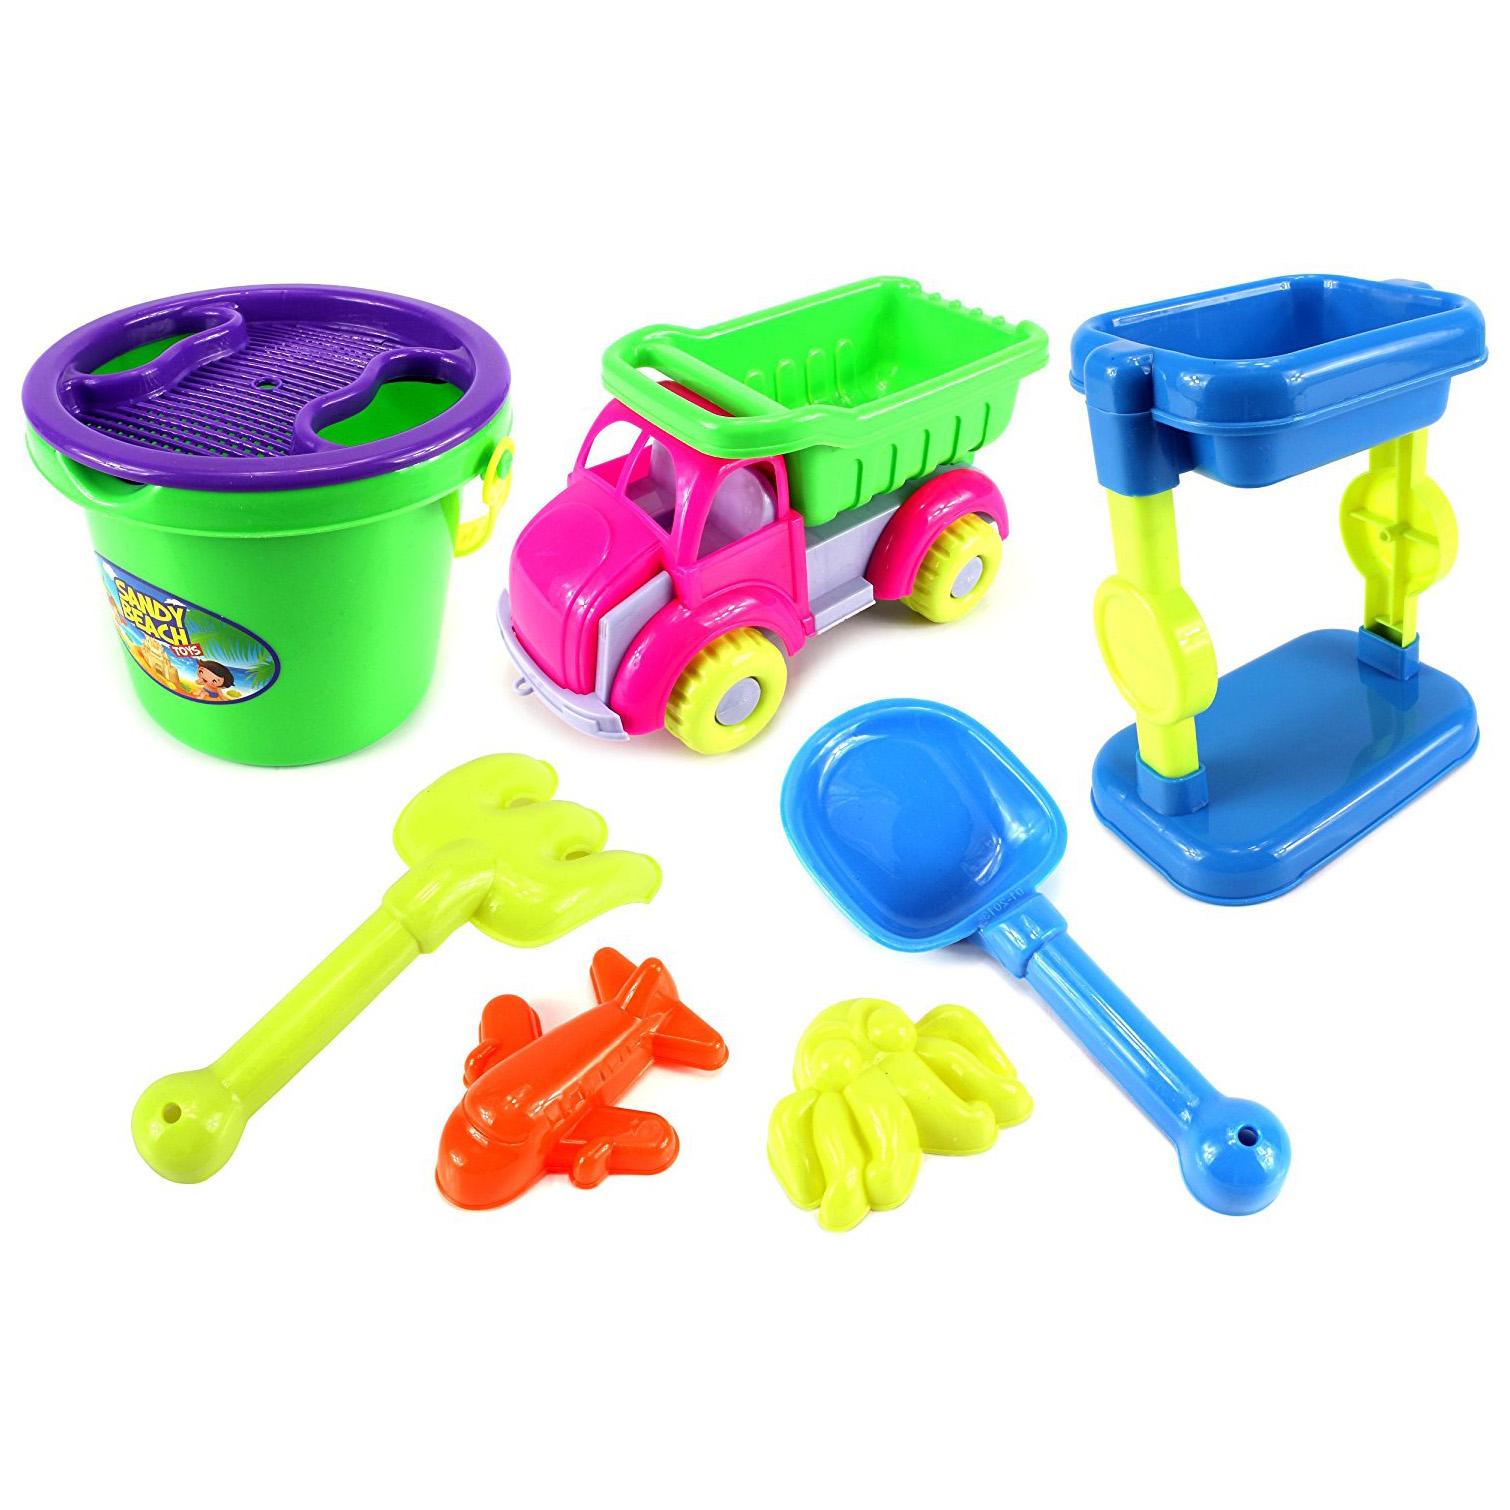 Sandy Beach Dump Truck Tower Children s Kid s Toy Beach Sandbox Playse